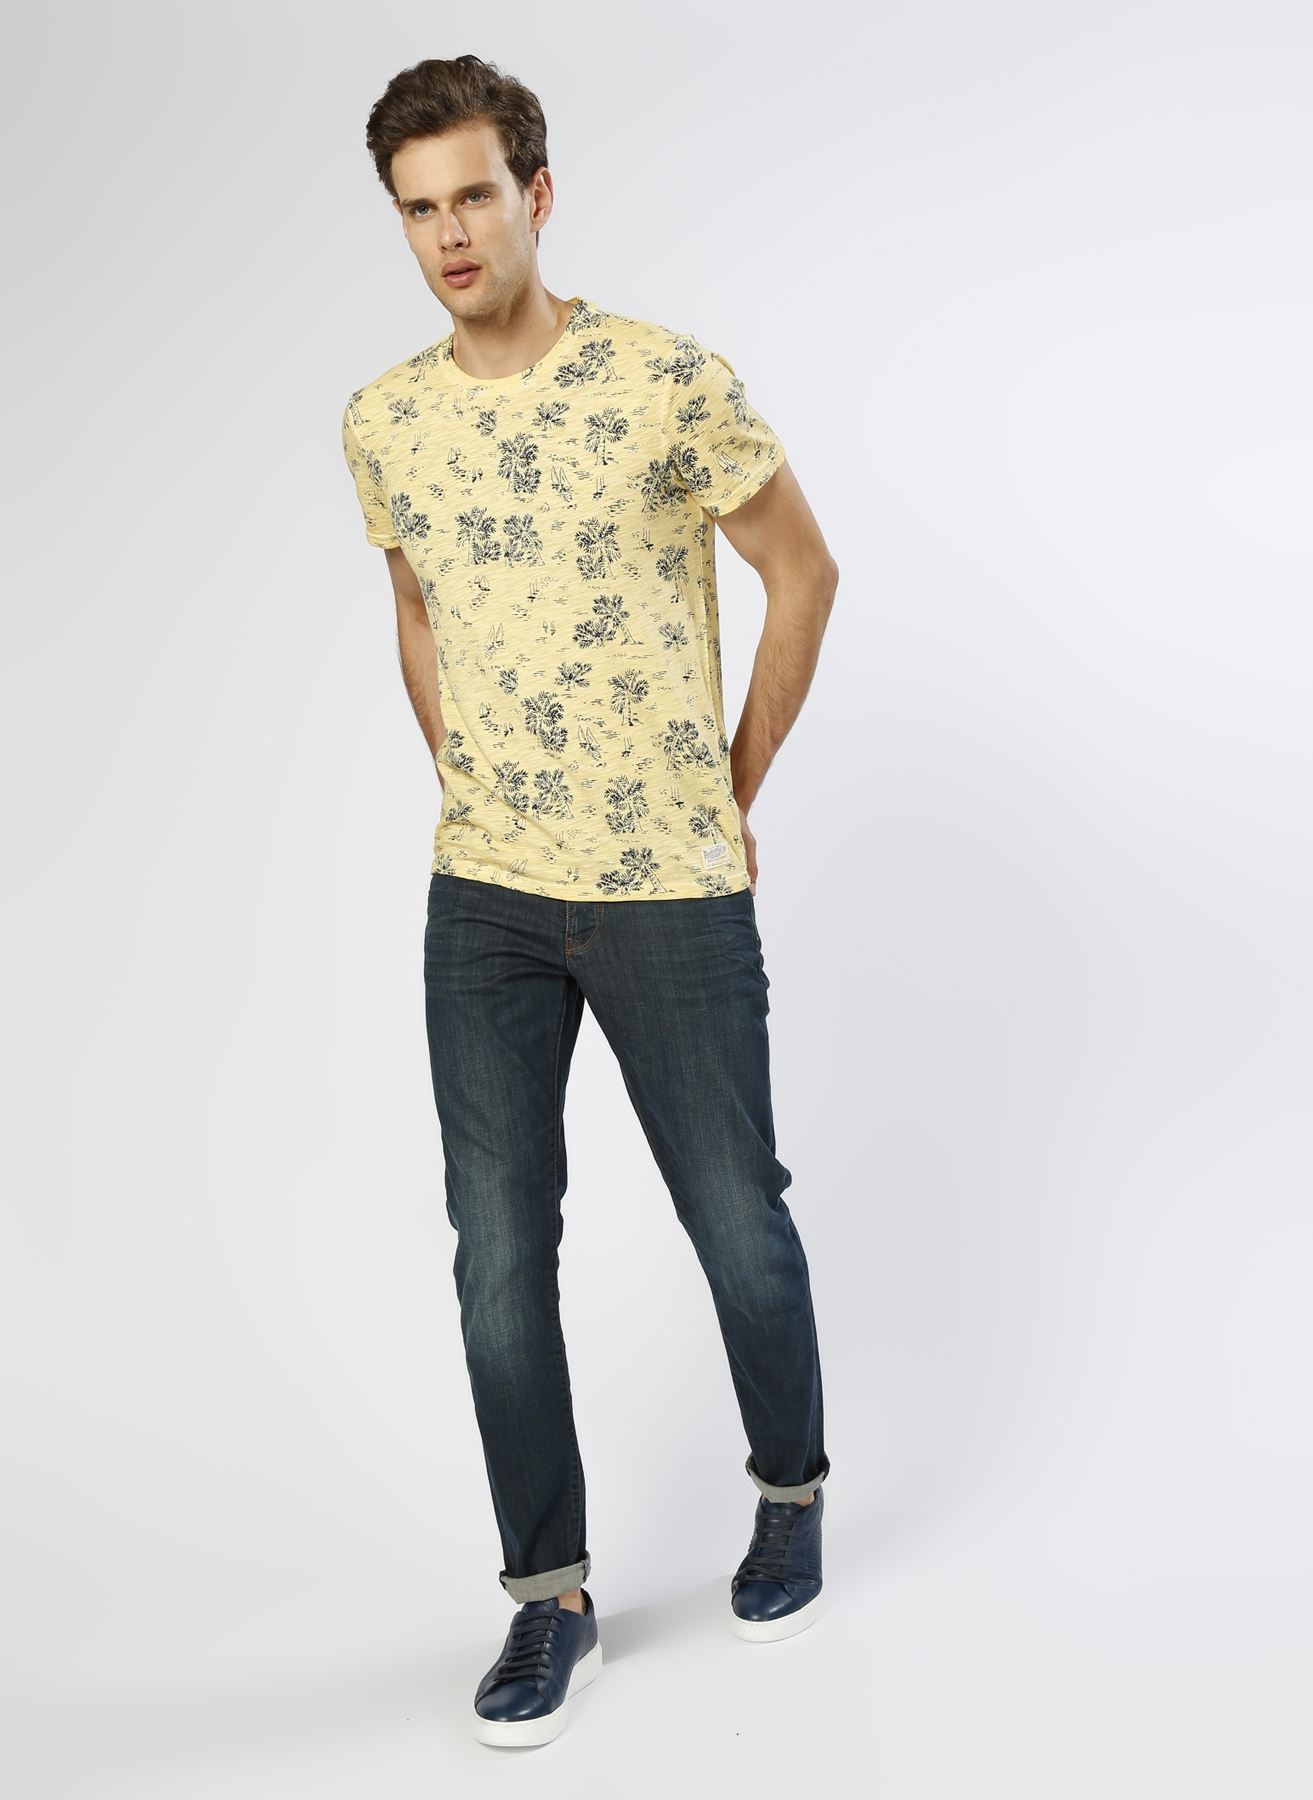 Loft Koyu İndigo Klasik Pantolon 38-32 5000201986017 Ürün Resmi